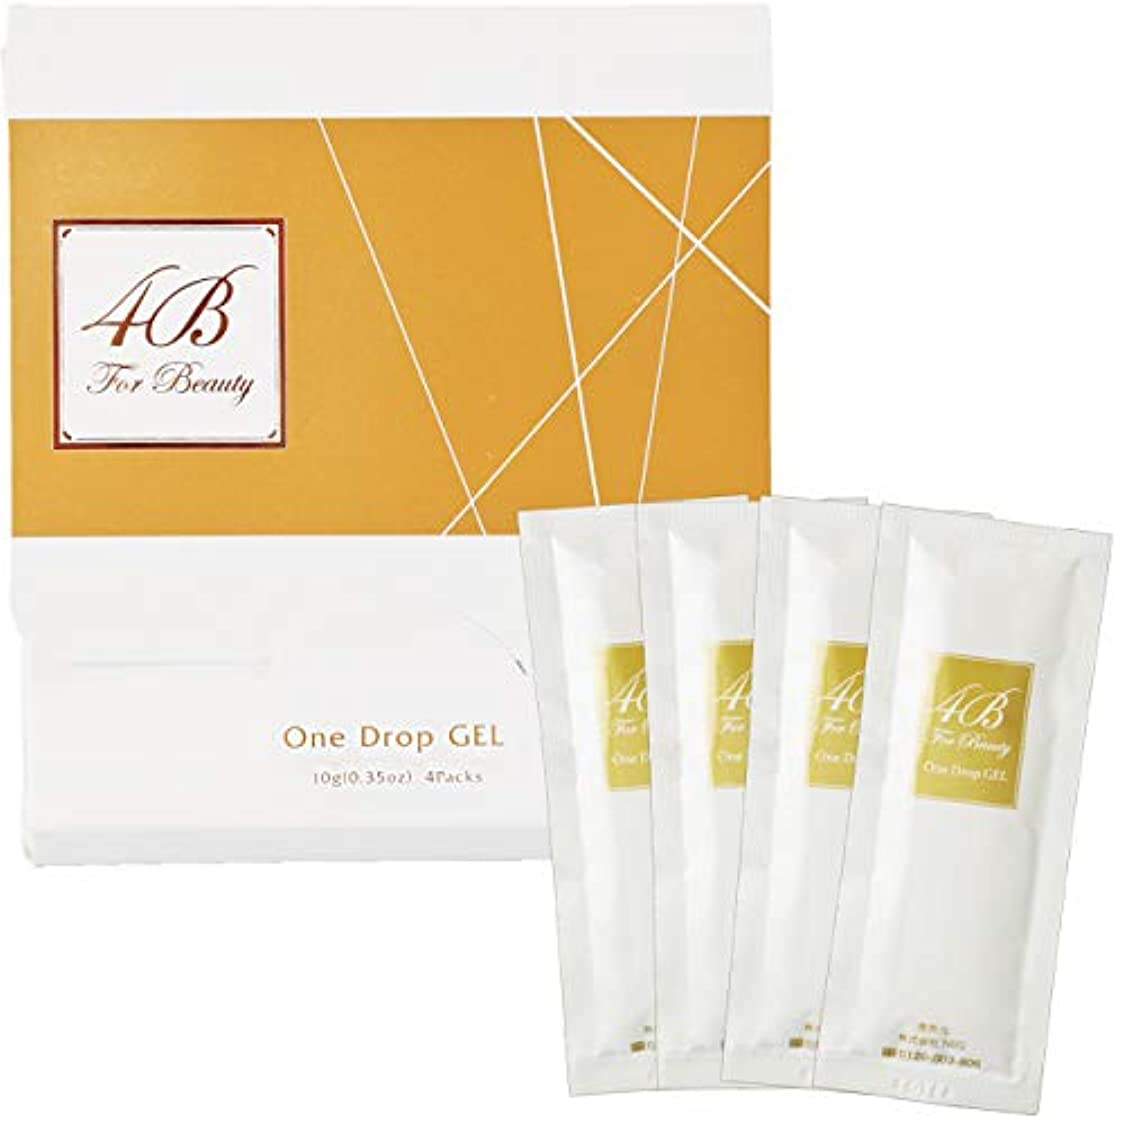 分析密契約した4B One Drop Gel(フォービー ワンドロップジェル)混ぜない炭酸パック 1剤式 10g×4包